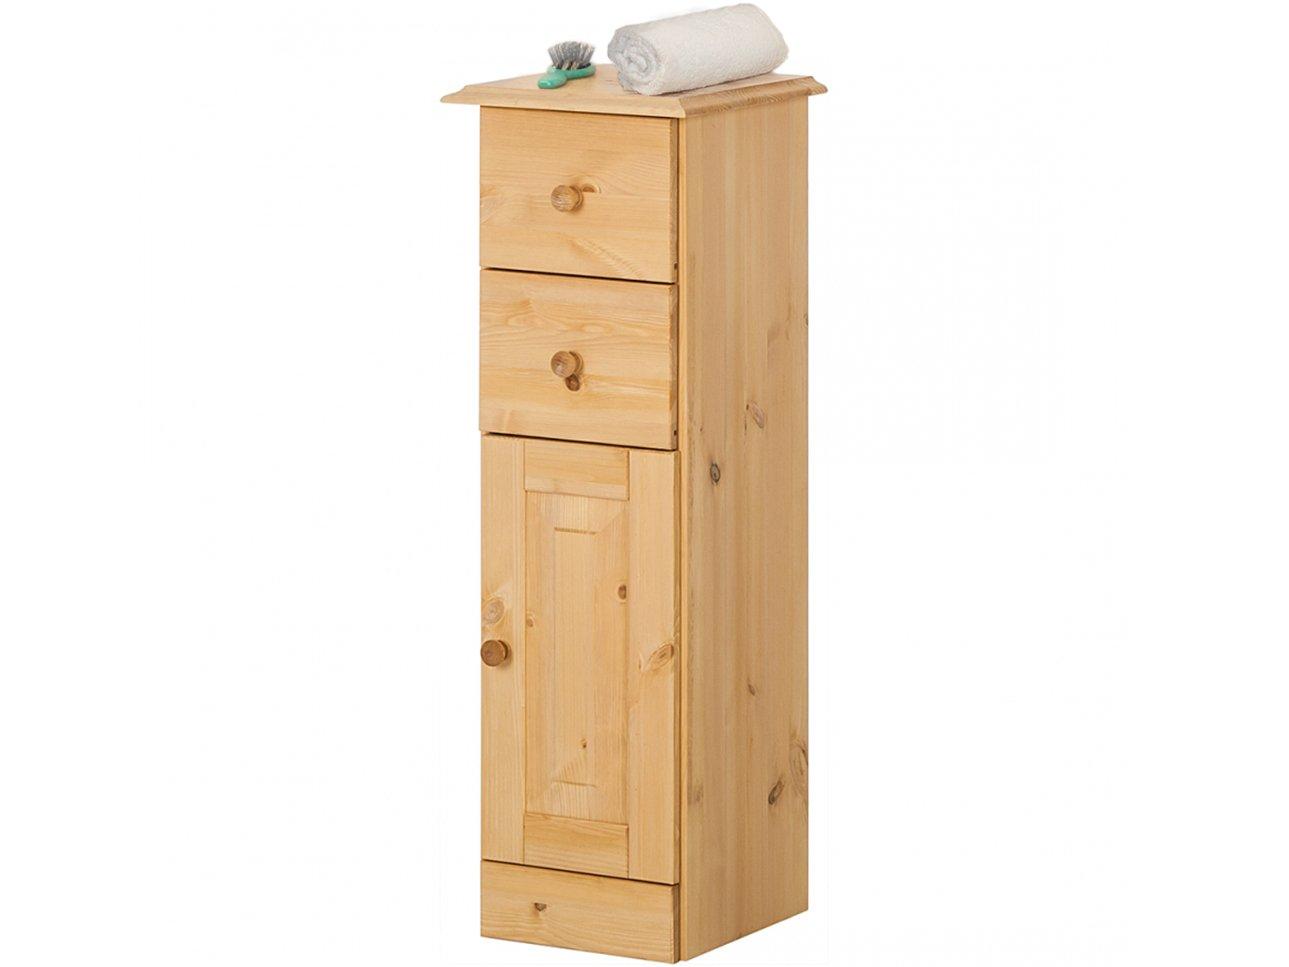 Loft24 Kommode Badezimmer Schrank Weiß Midischrank Kommode Loft24